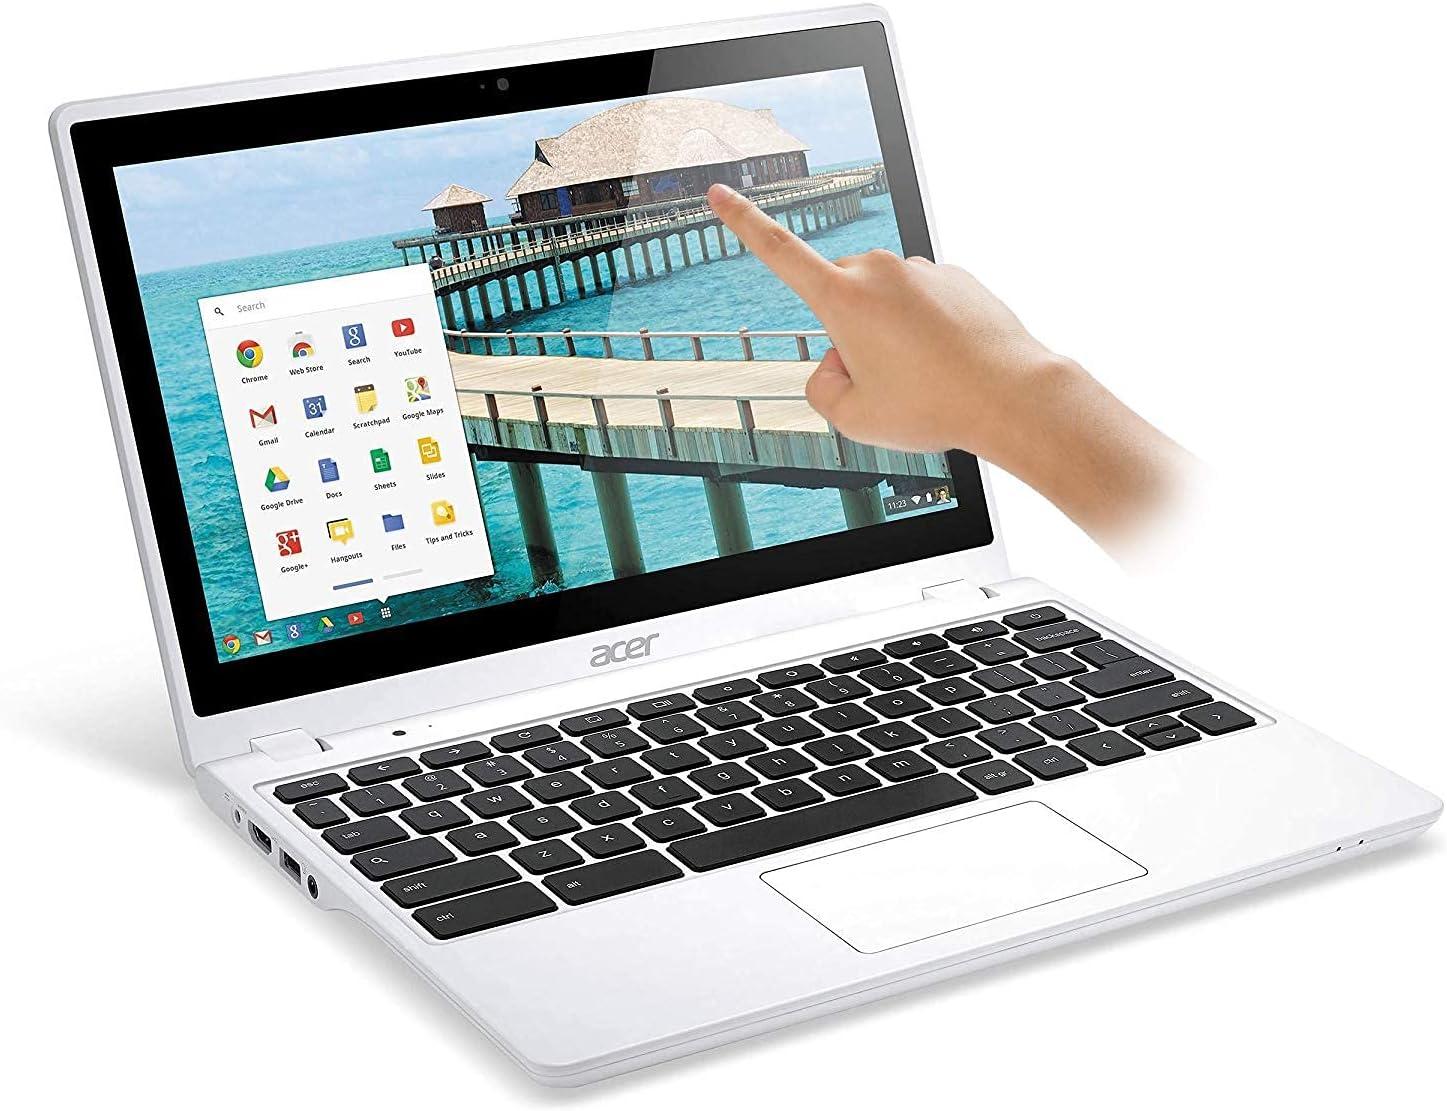 Acer C720P-2457 11.6